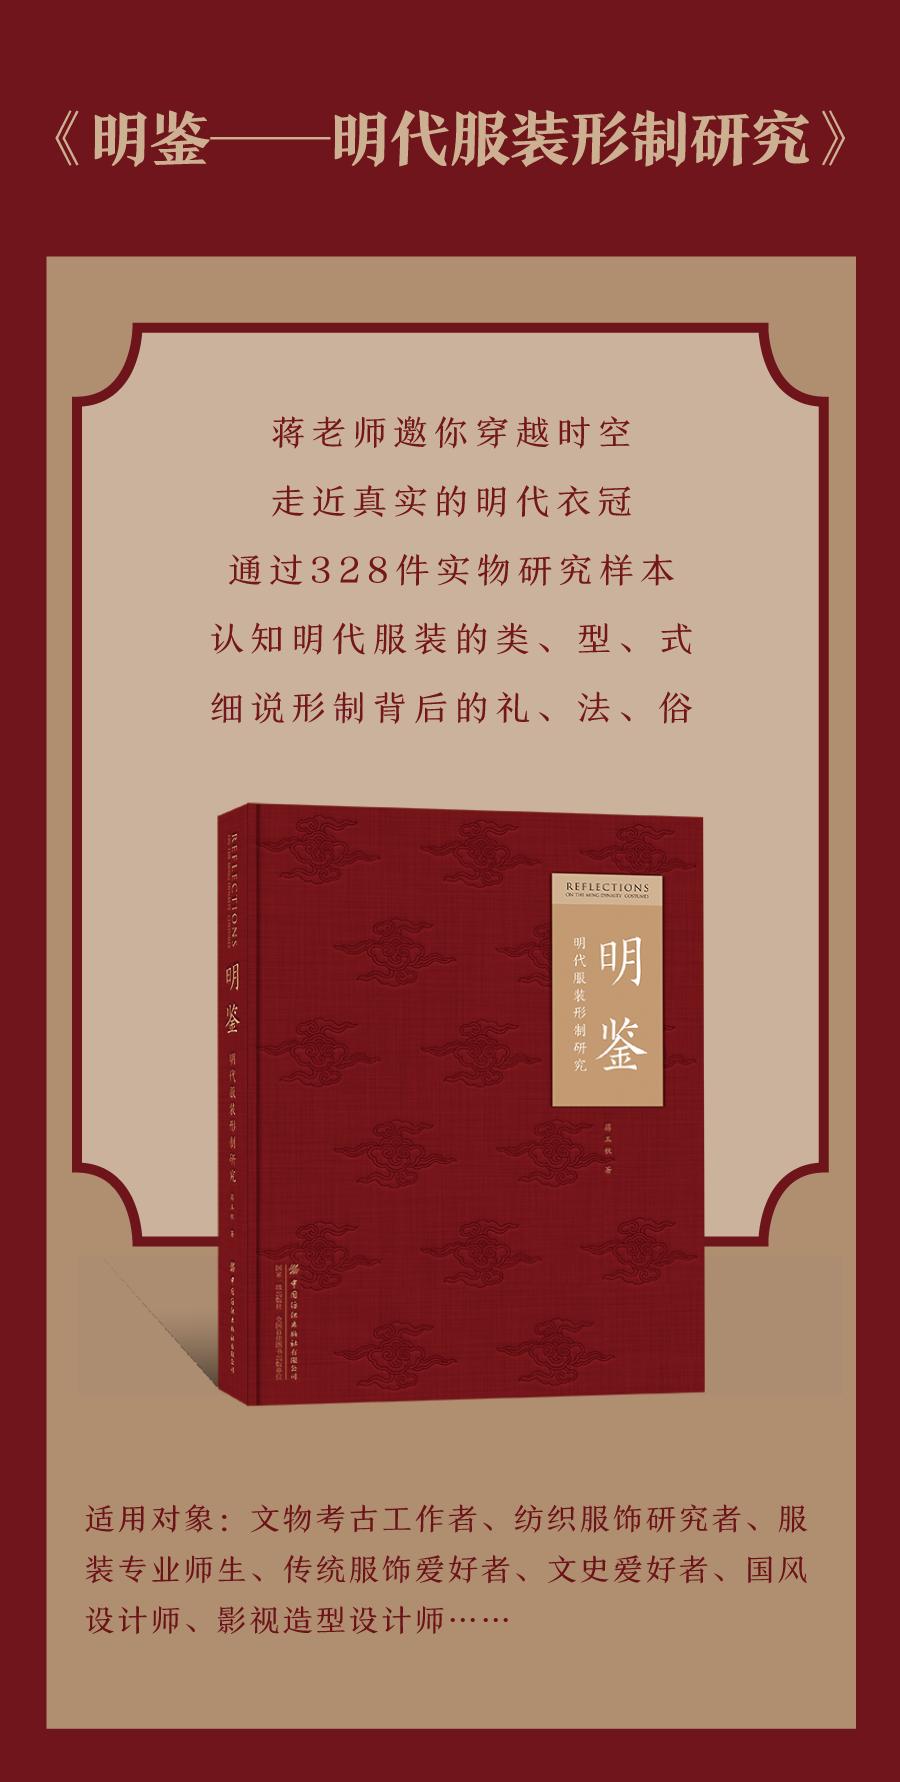 汉服书籍推荐   明代服饰研究《明鉴》,分辨明代服装类型式